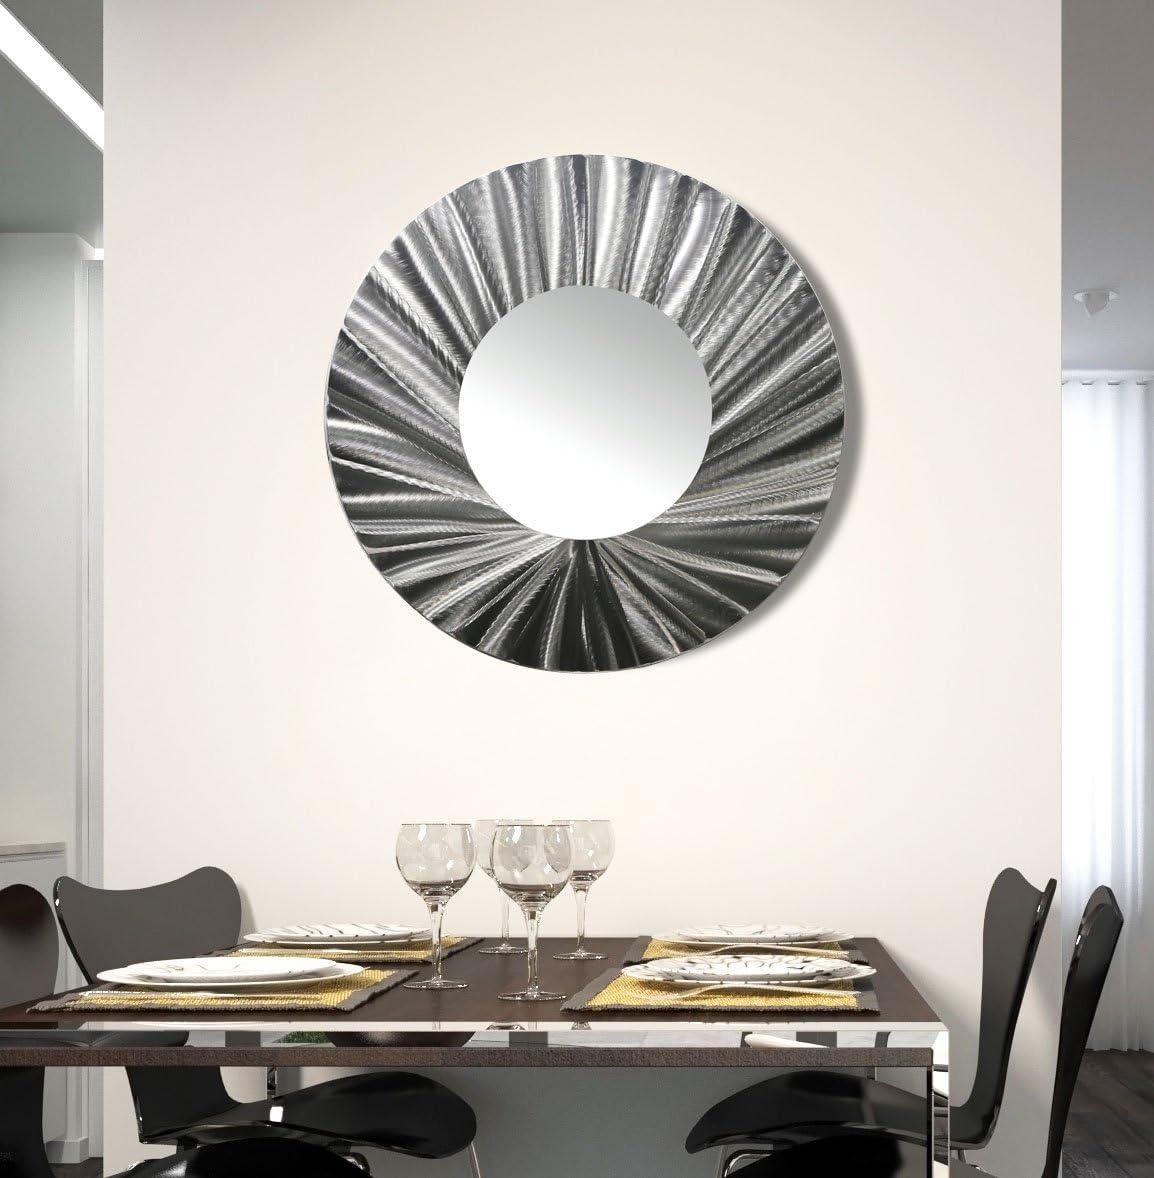 Statements2000 Round Decorative Metal Wall Mounted Mirror by Jon Allen, Silver, 23 – Mirror 118